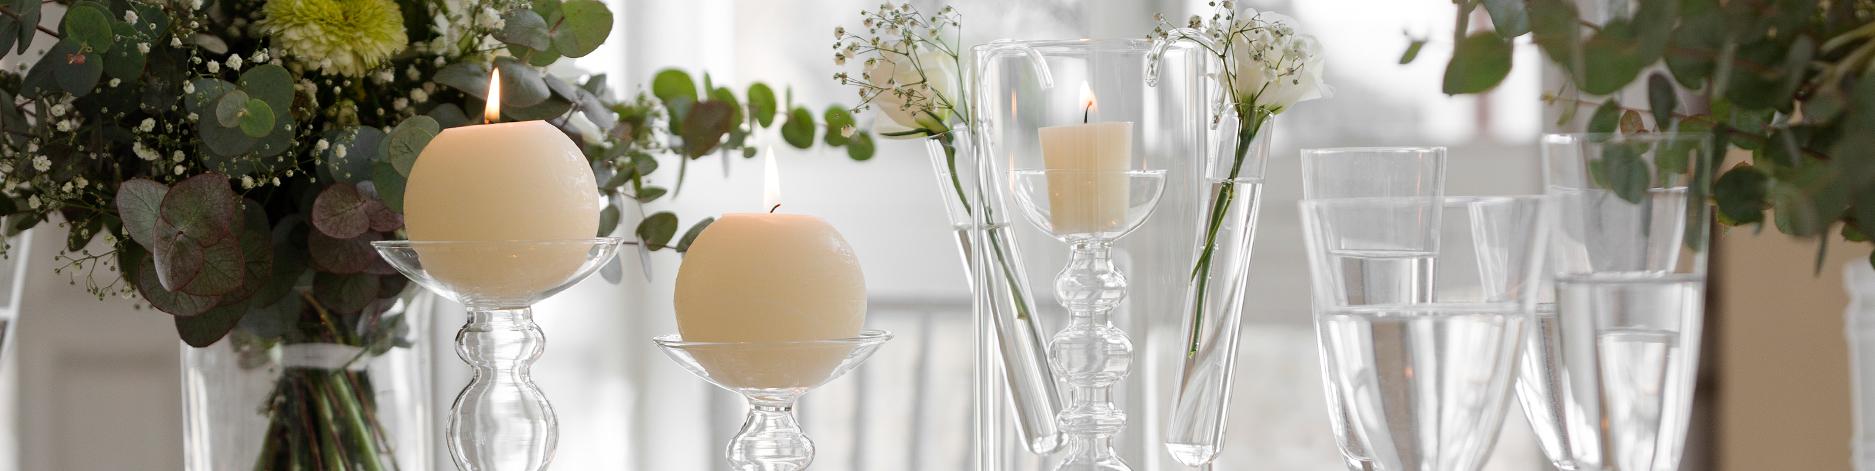 Portavelas de cristal candelabros de vidrio decoragloba - Portavelas cristal ...